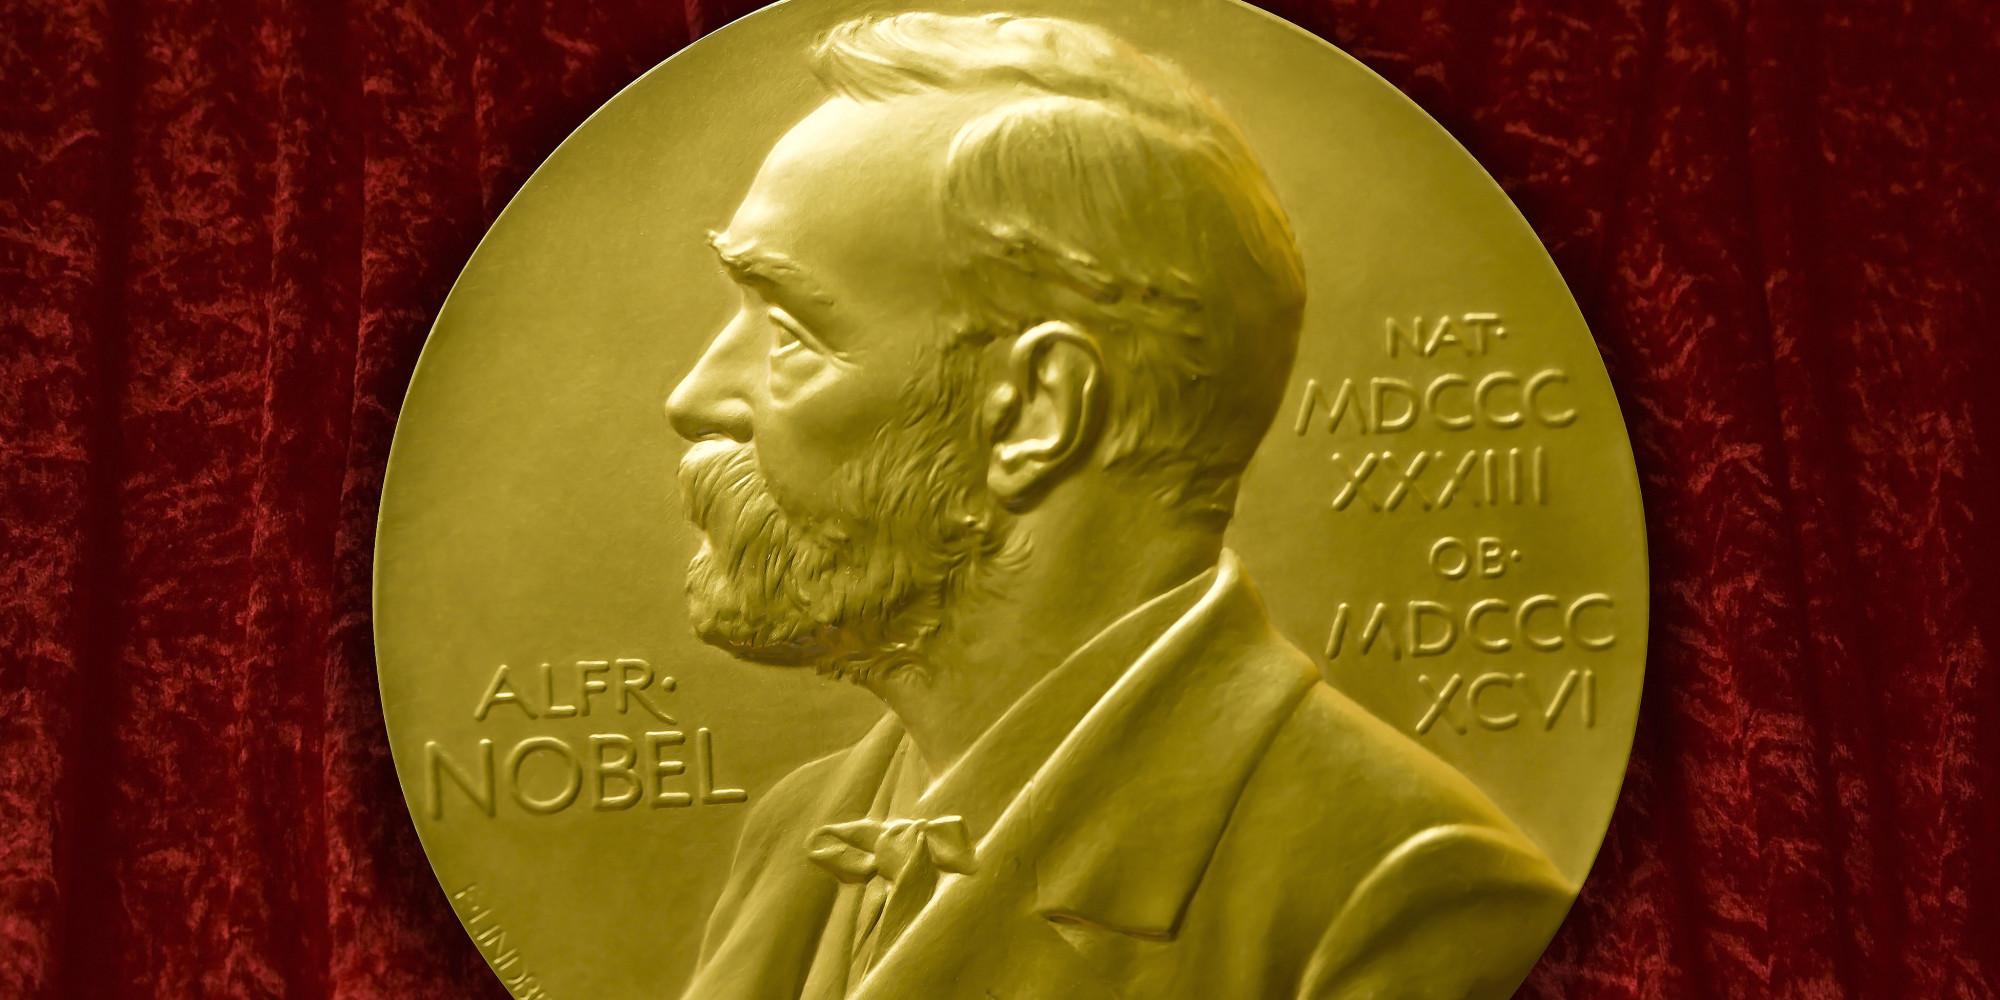 Johannes V. Jensens Nobel Prize winner medal from 1944